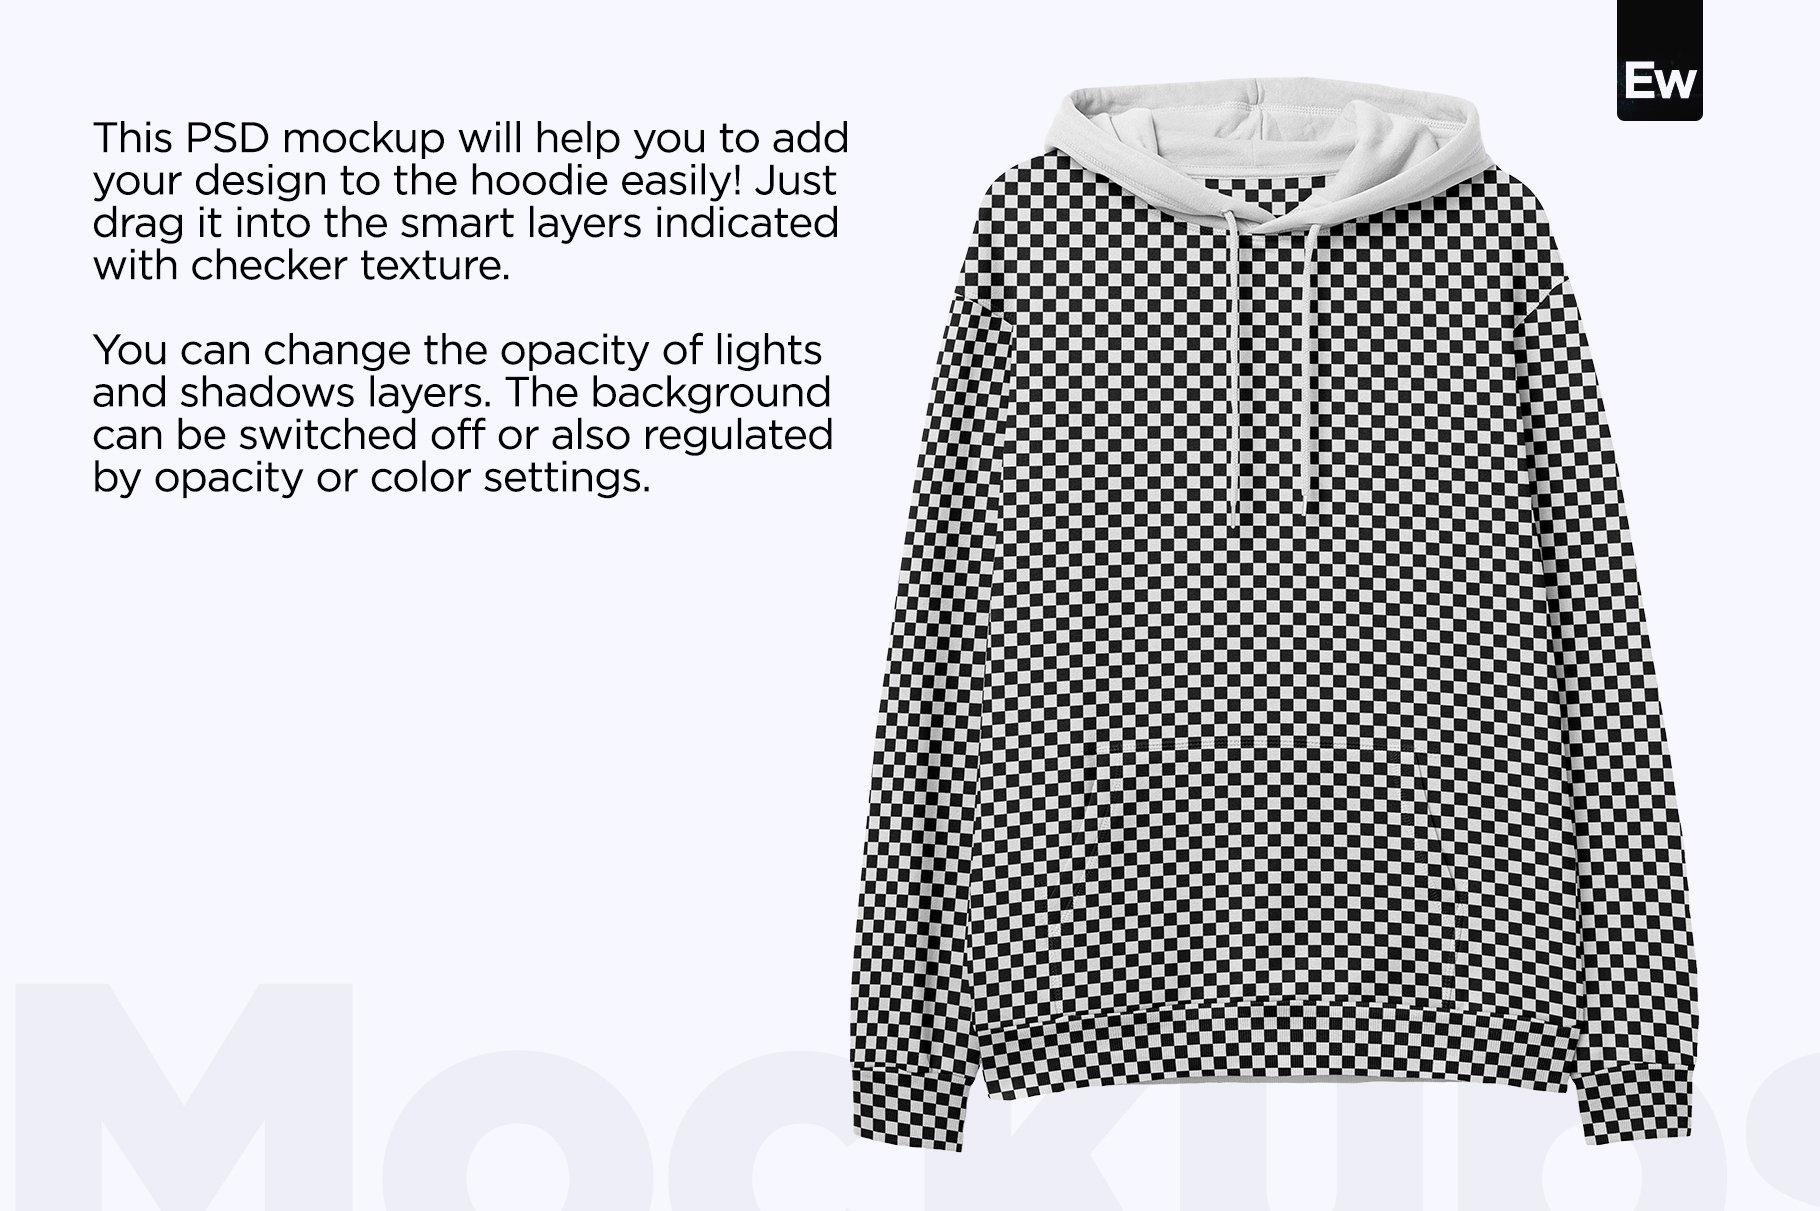 简约连衣帽卫衣印花图案设计展示样机PSD模板 Hooded Sweatshirt PSD Mockup插图1